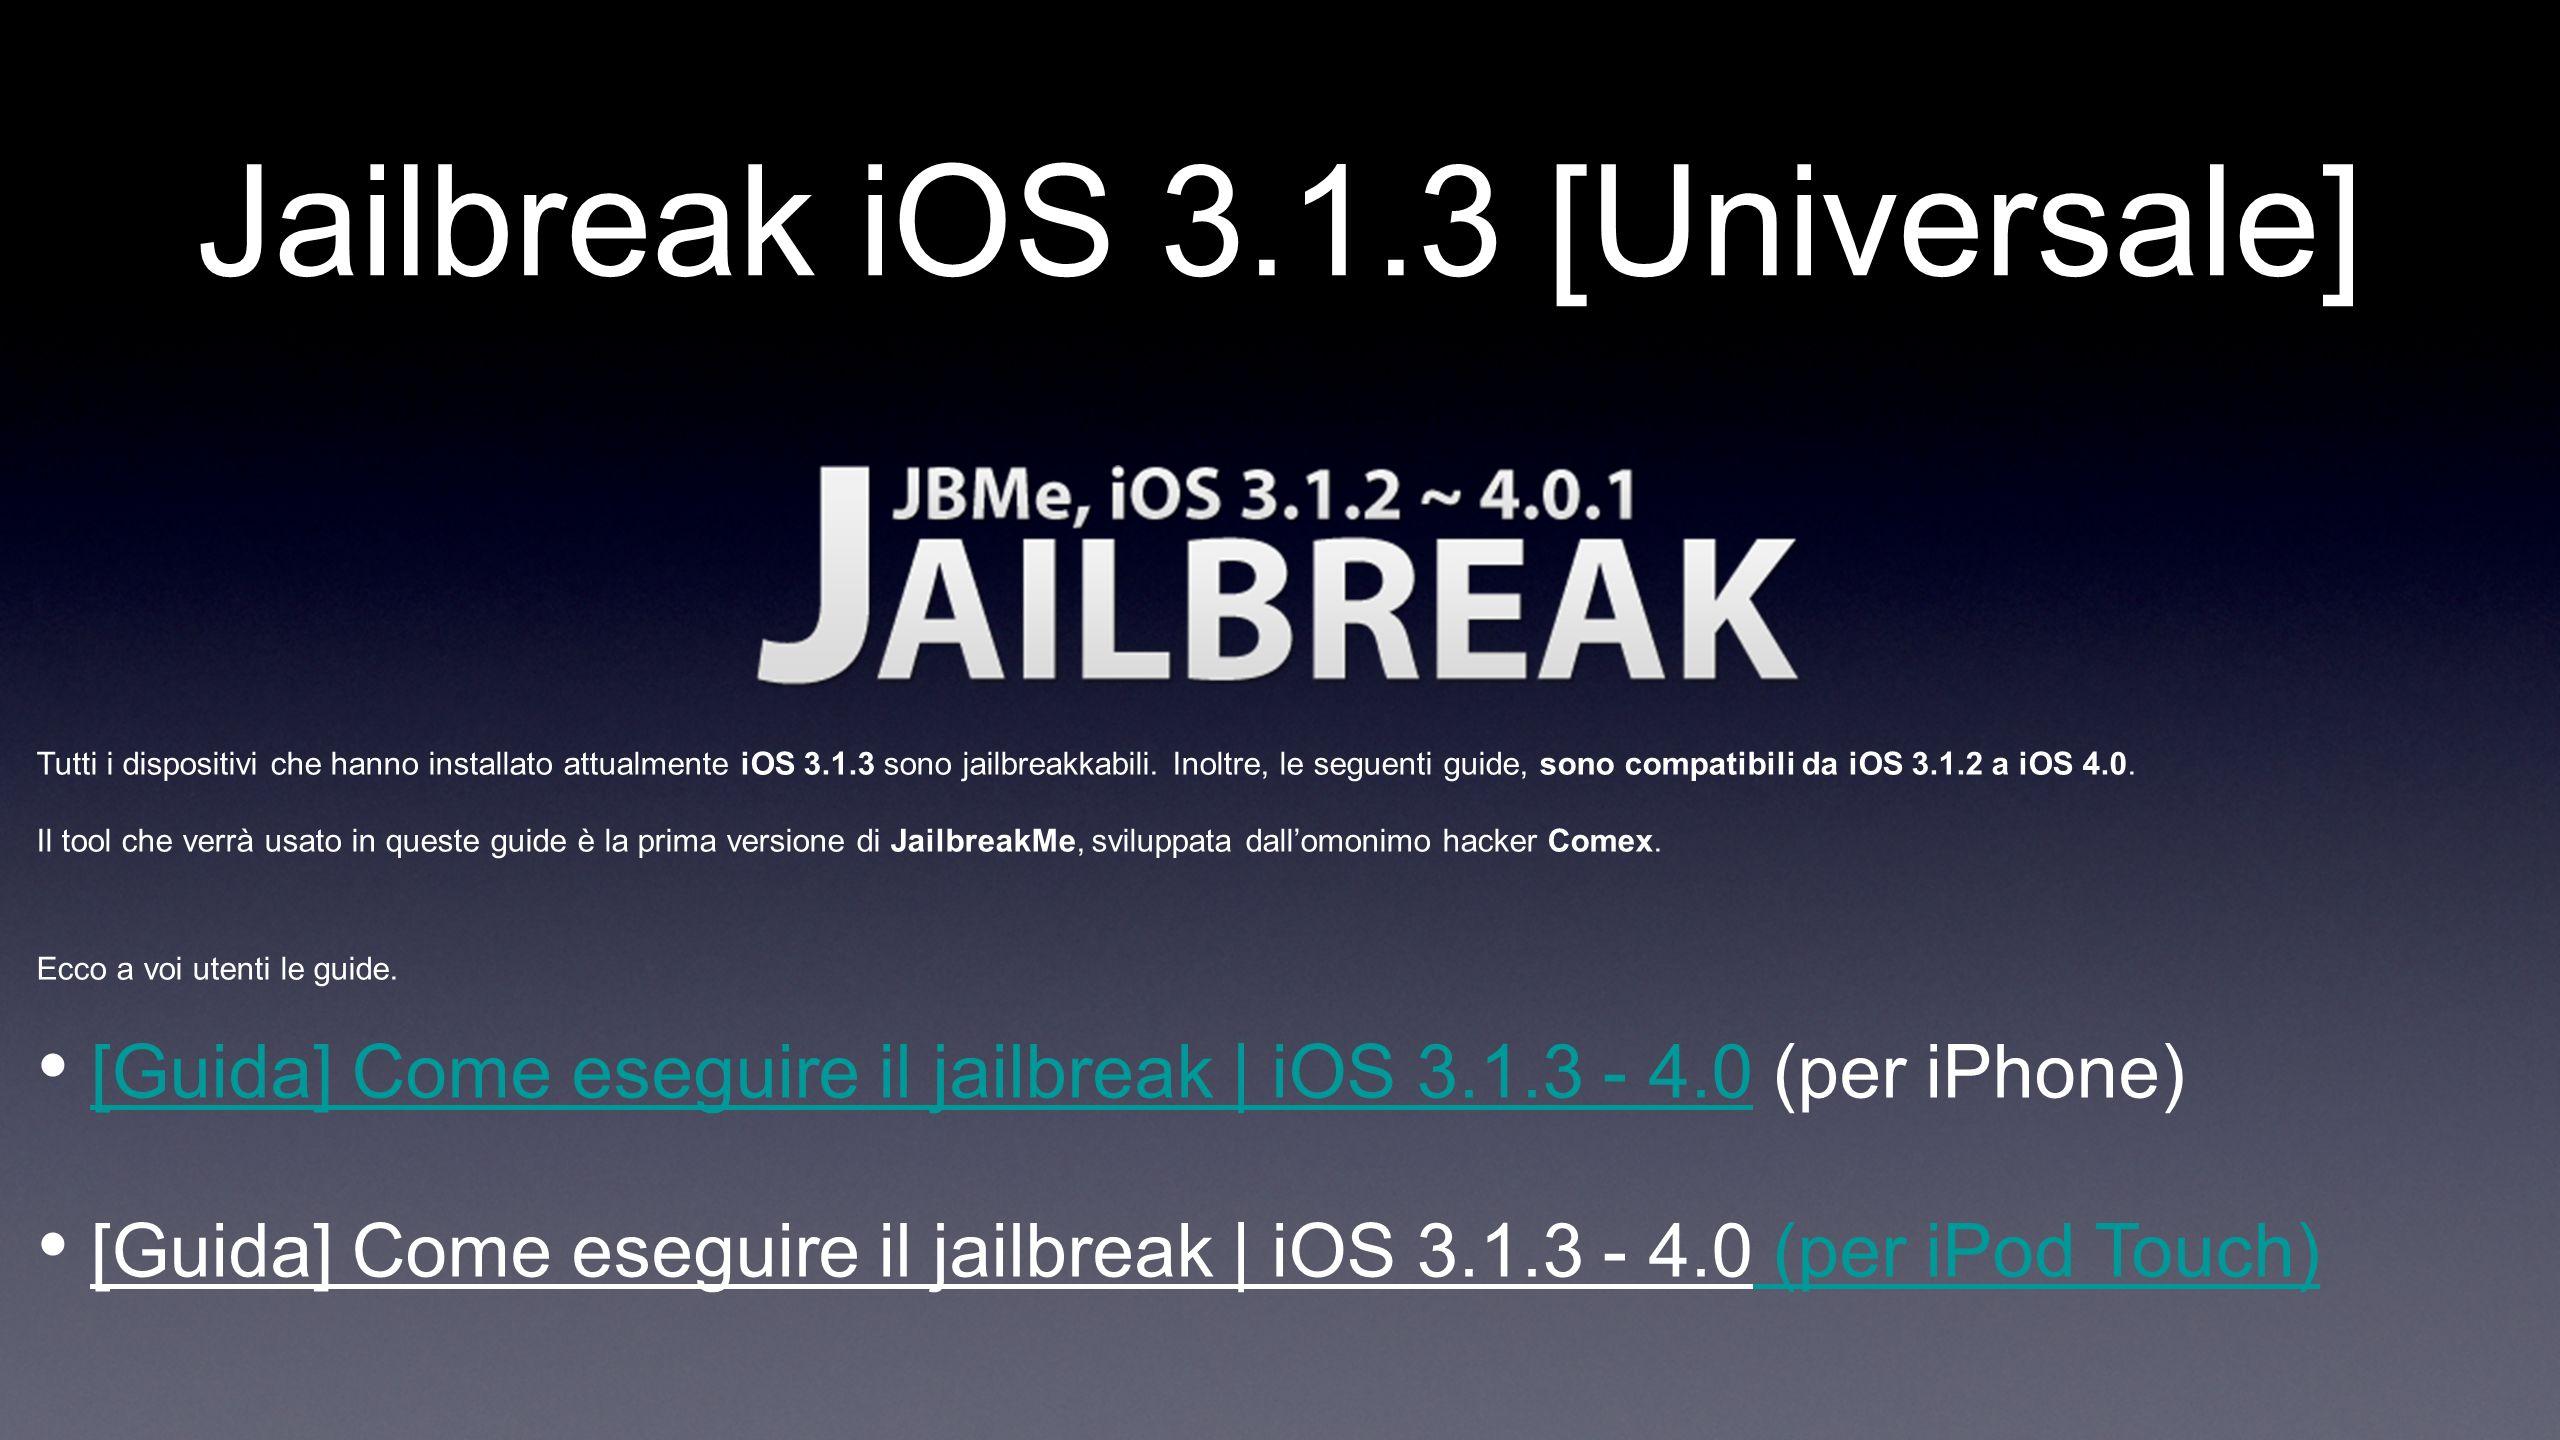 Jailbreak iOS 3.1.3 [Universale] Tutti i dispositivi che hanno installato attualmente iOS 3.1.3 sono jailbreakkabili. Inoltre, le seguenti guide, sono